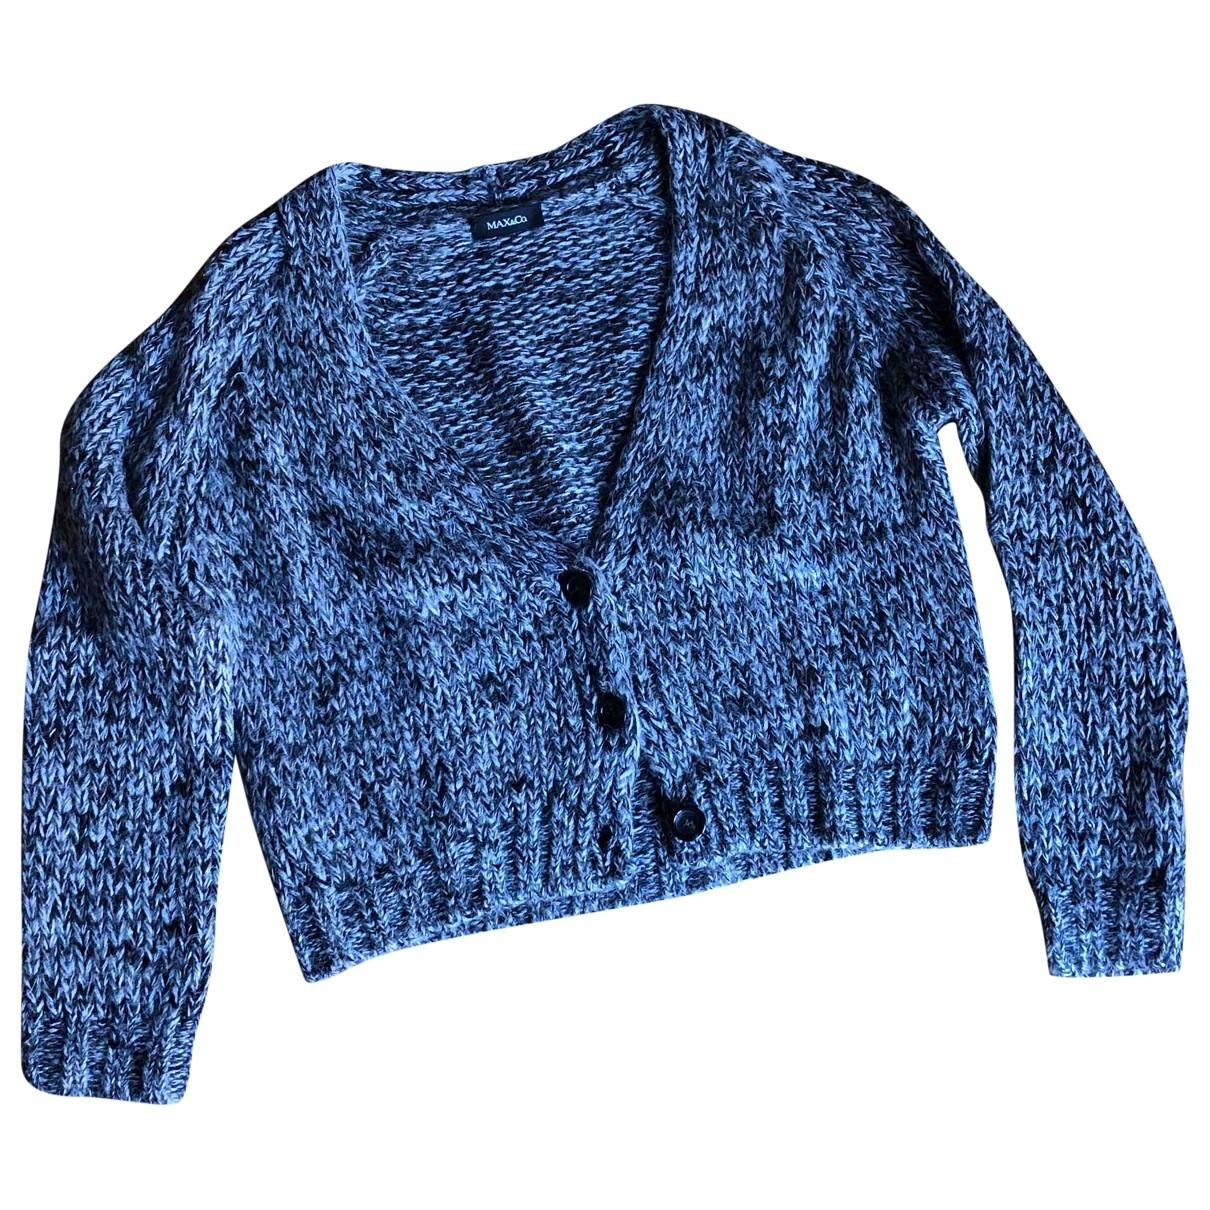 Max & Co \N Multicolour Wool Knitwear for Women S International